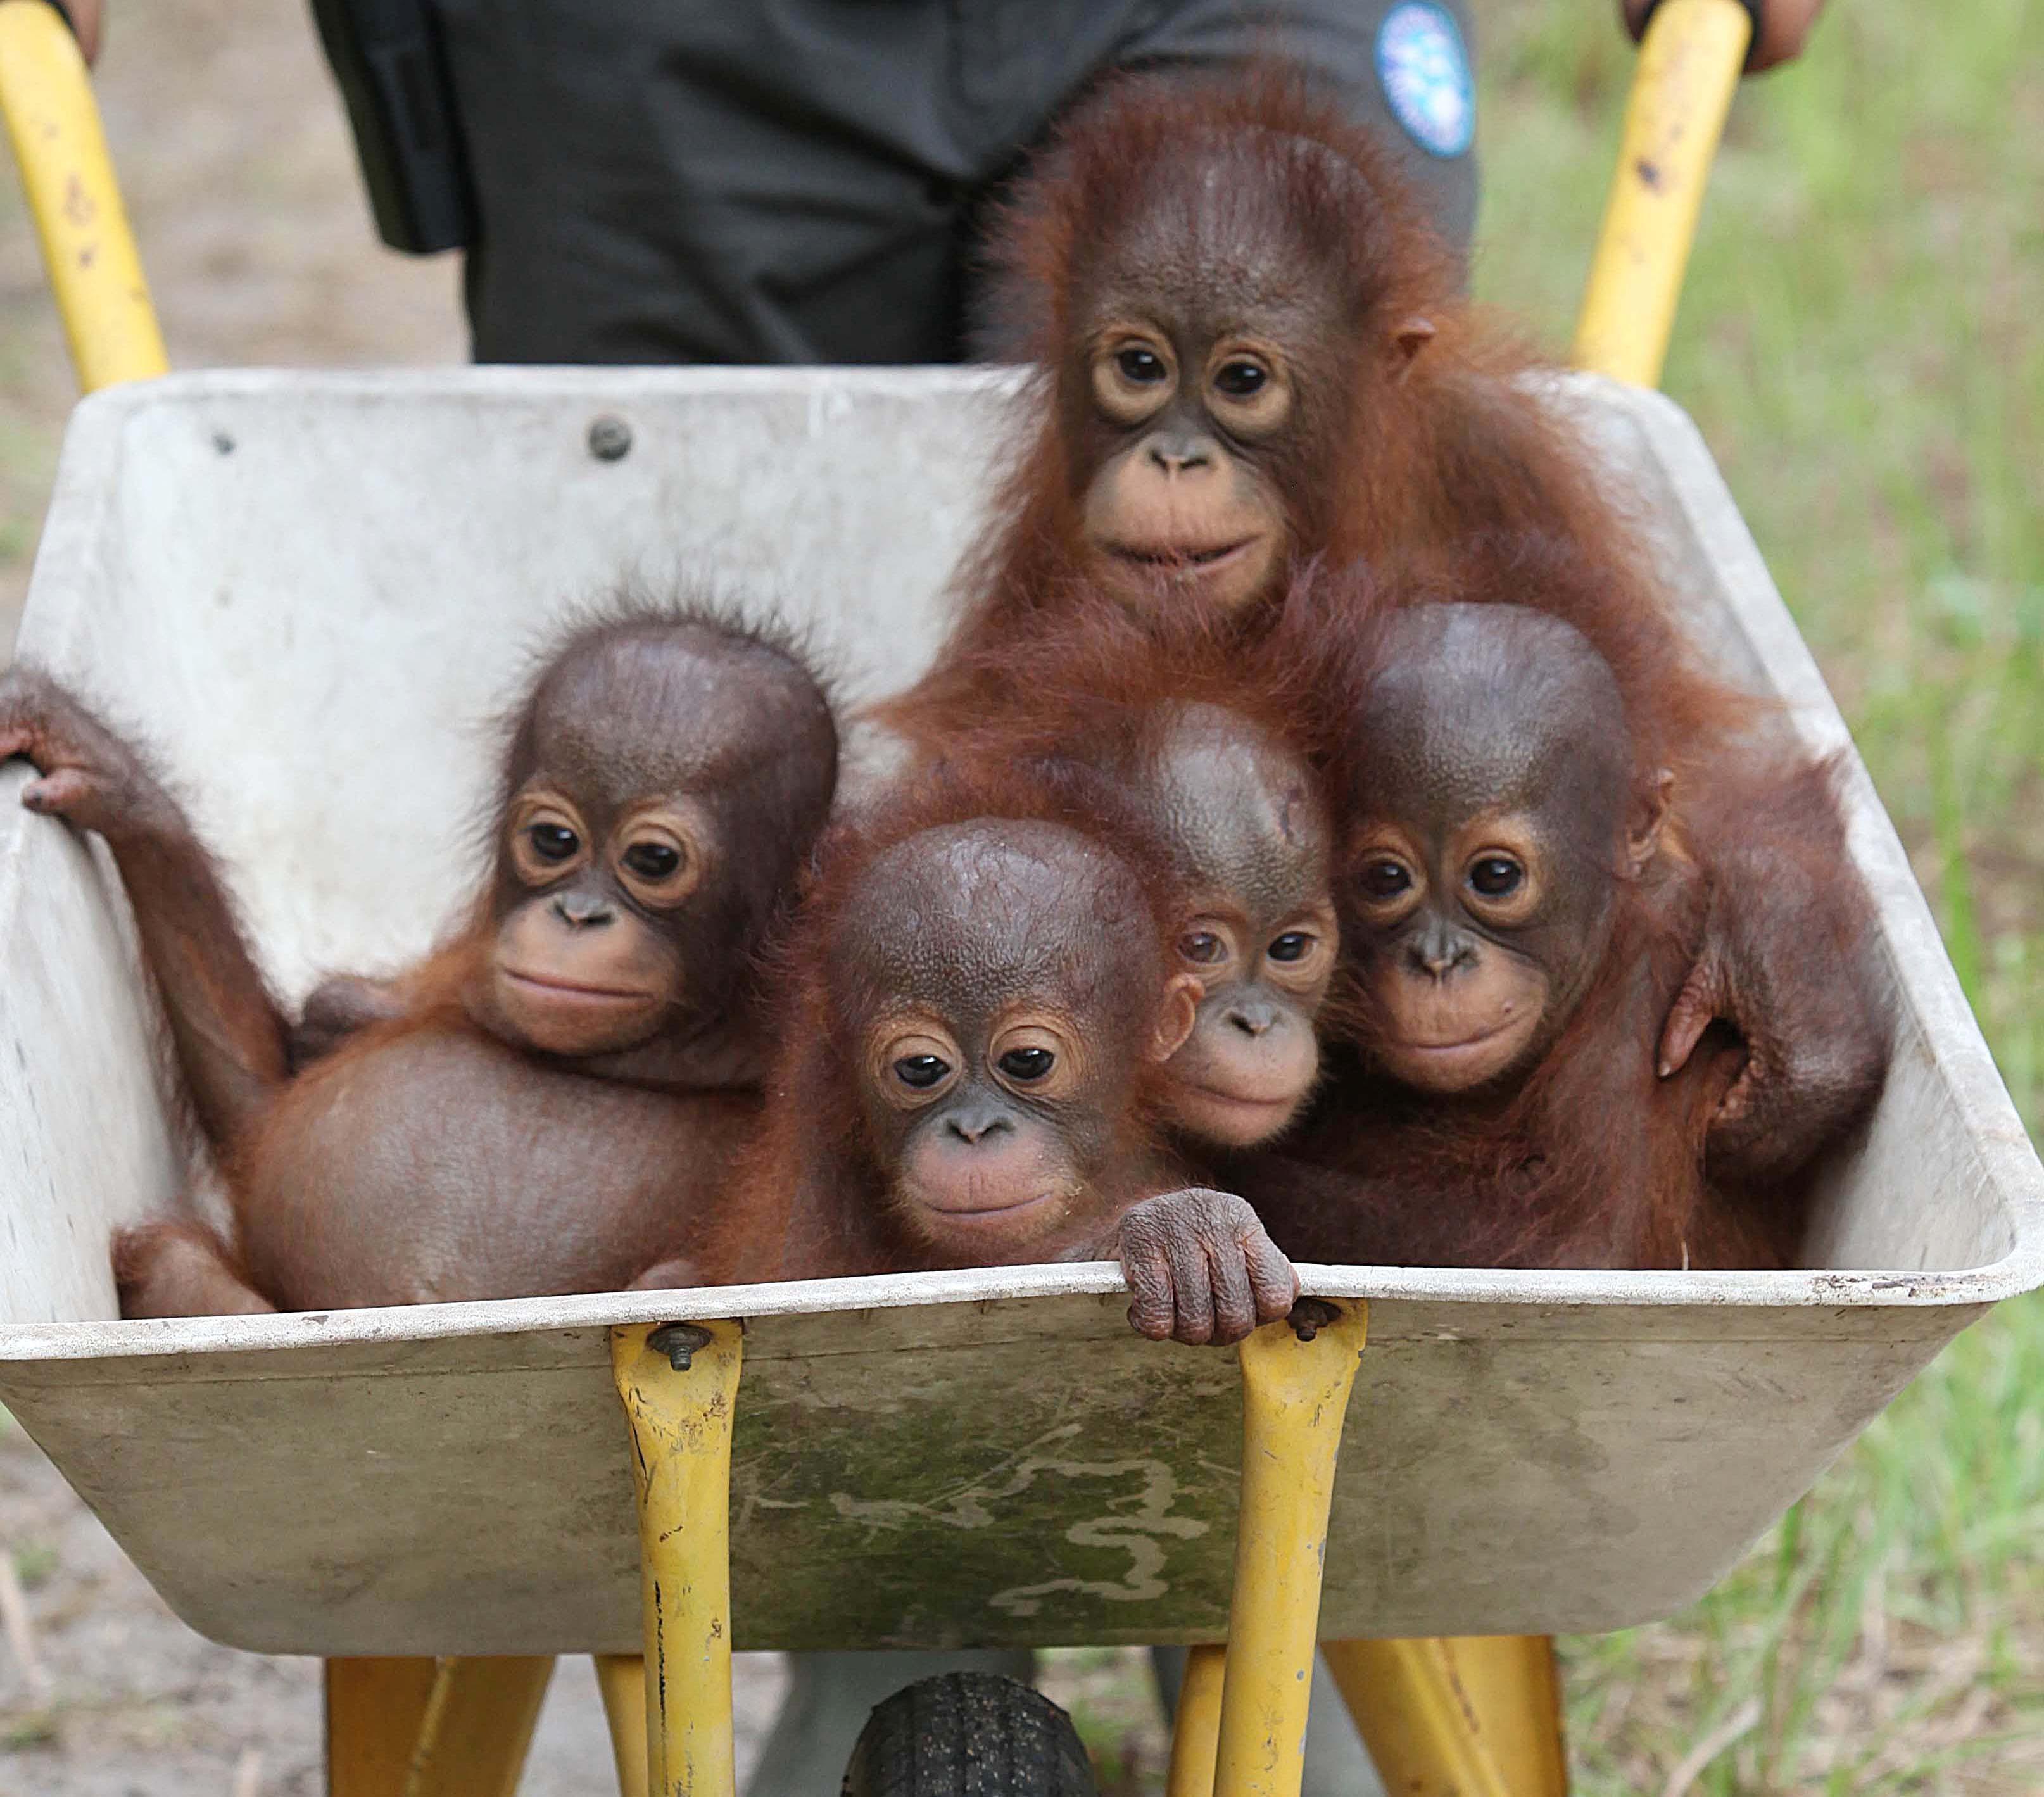 国际中心/综合报导 印尼国际动物救援中心(iar)一直以来都致力於拯救